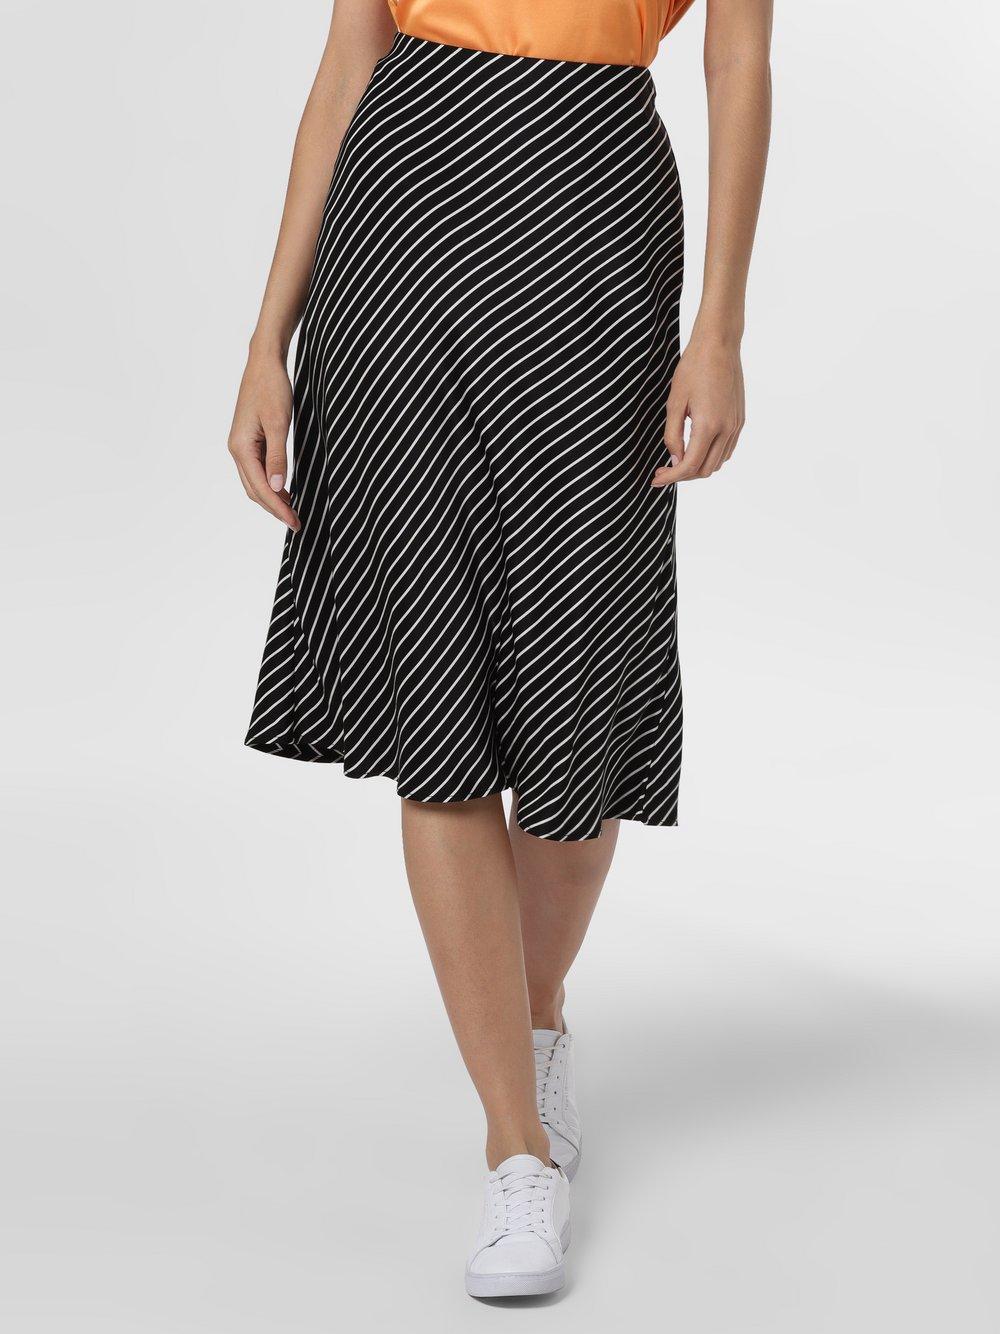 Someday - Spódnica damska – Odile Stripe, czarny